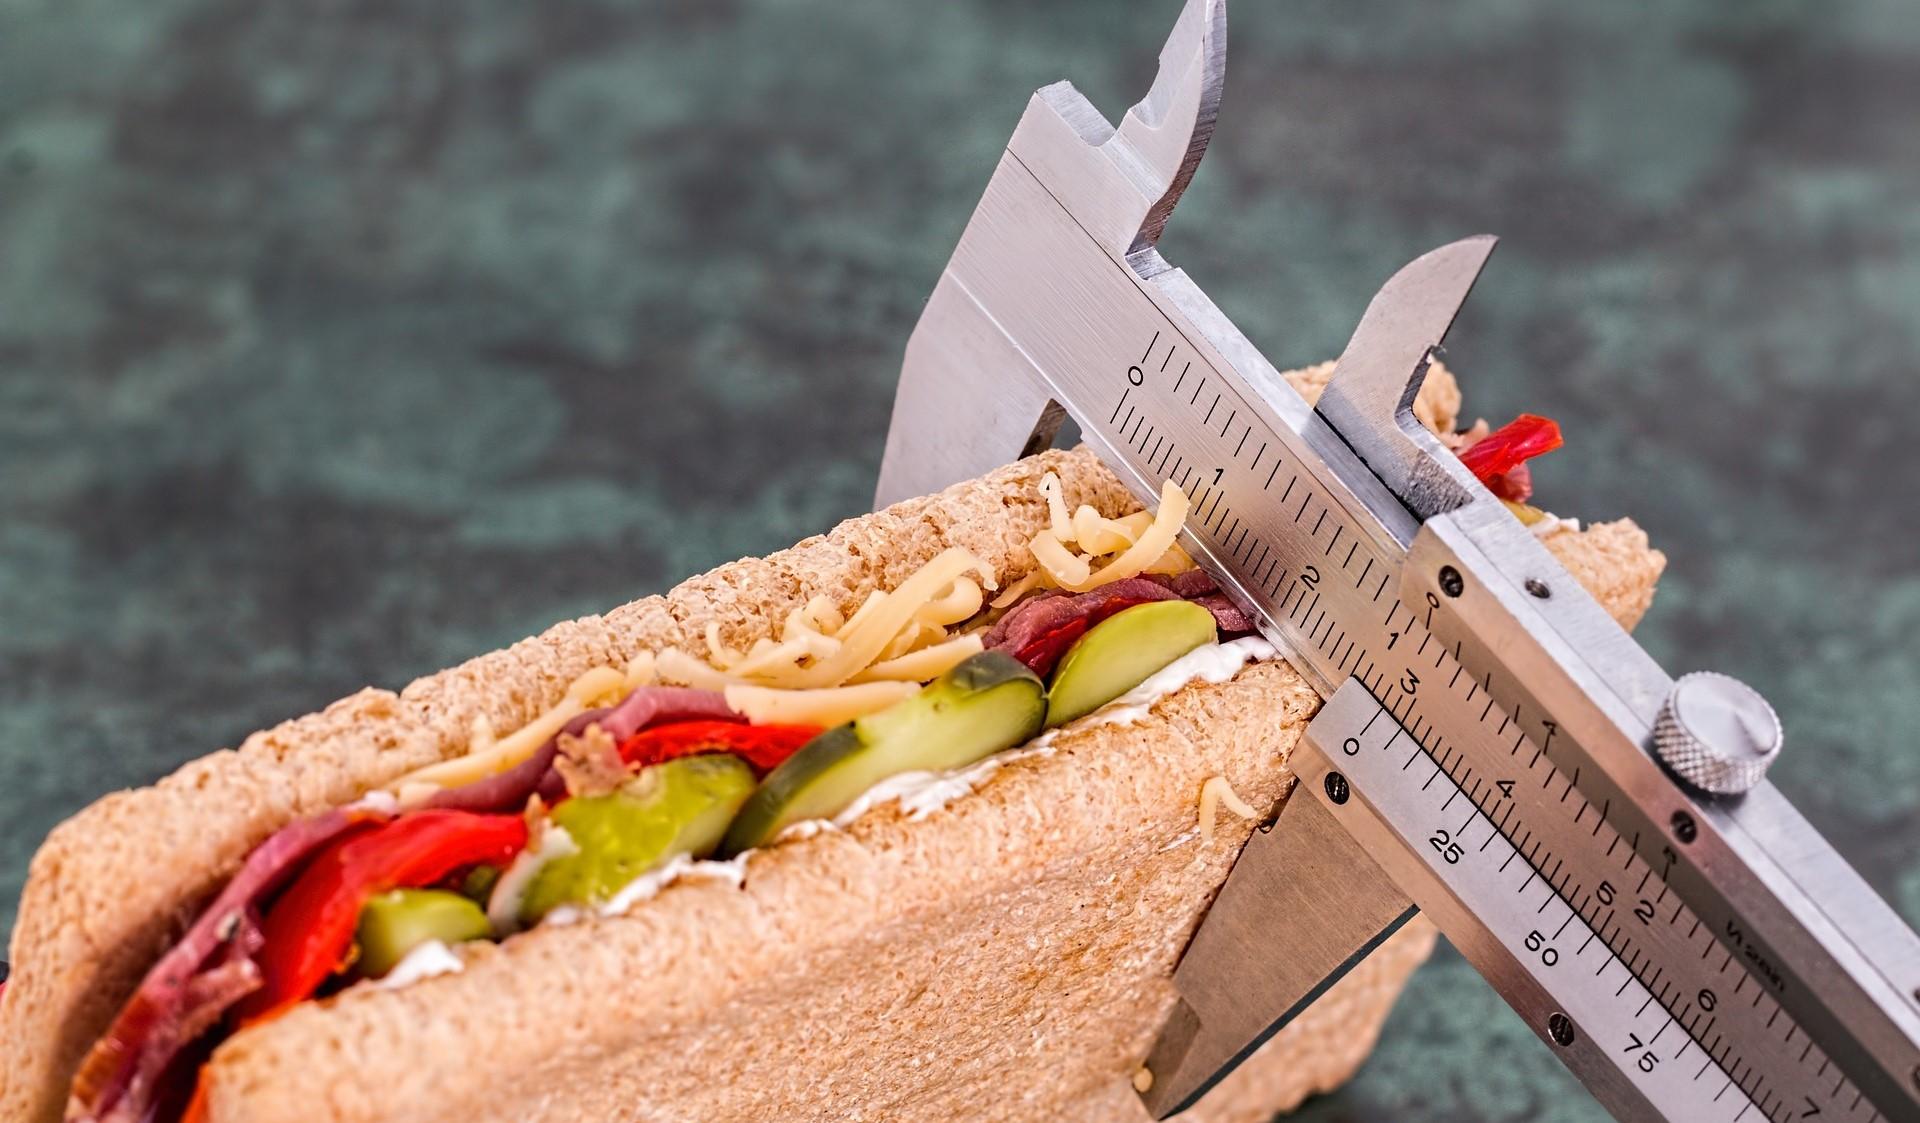 diet-695723_1920_1.jpg